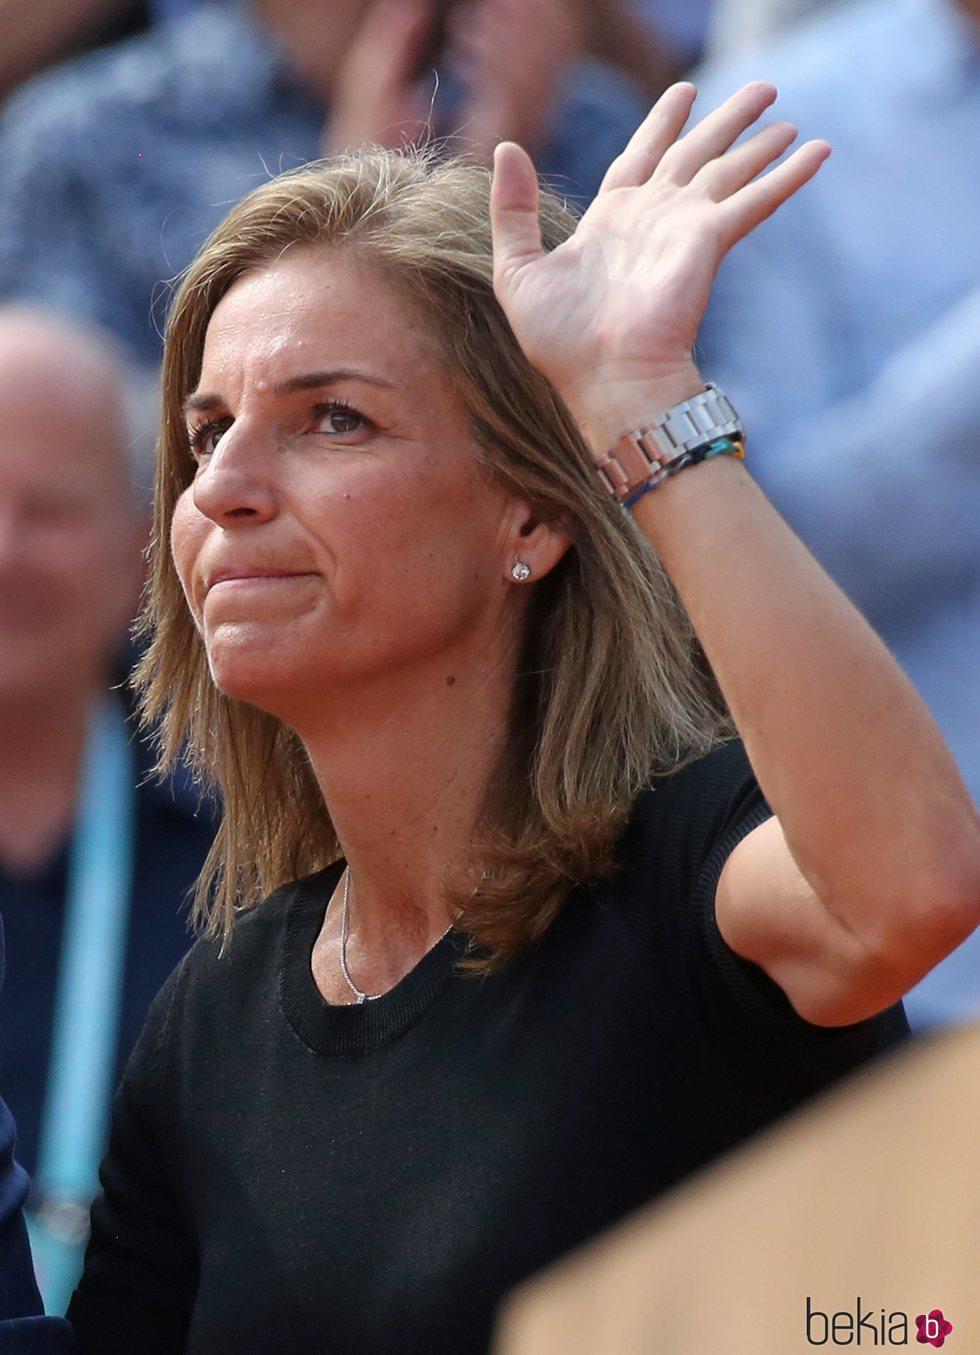 Arantxa Sánchez Vicario acude a la final femenina de Roland Garros 2018